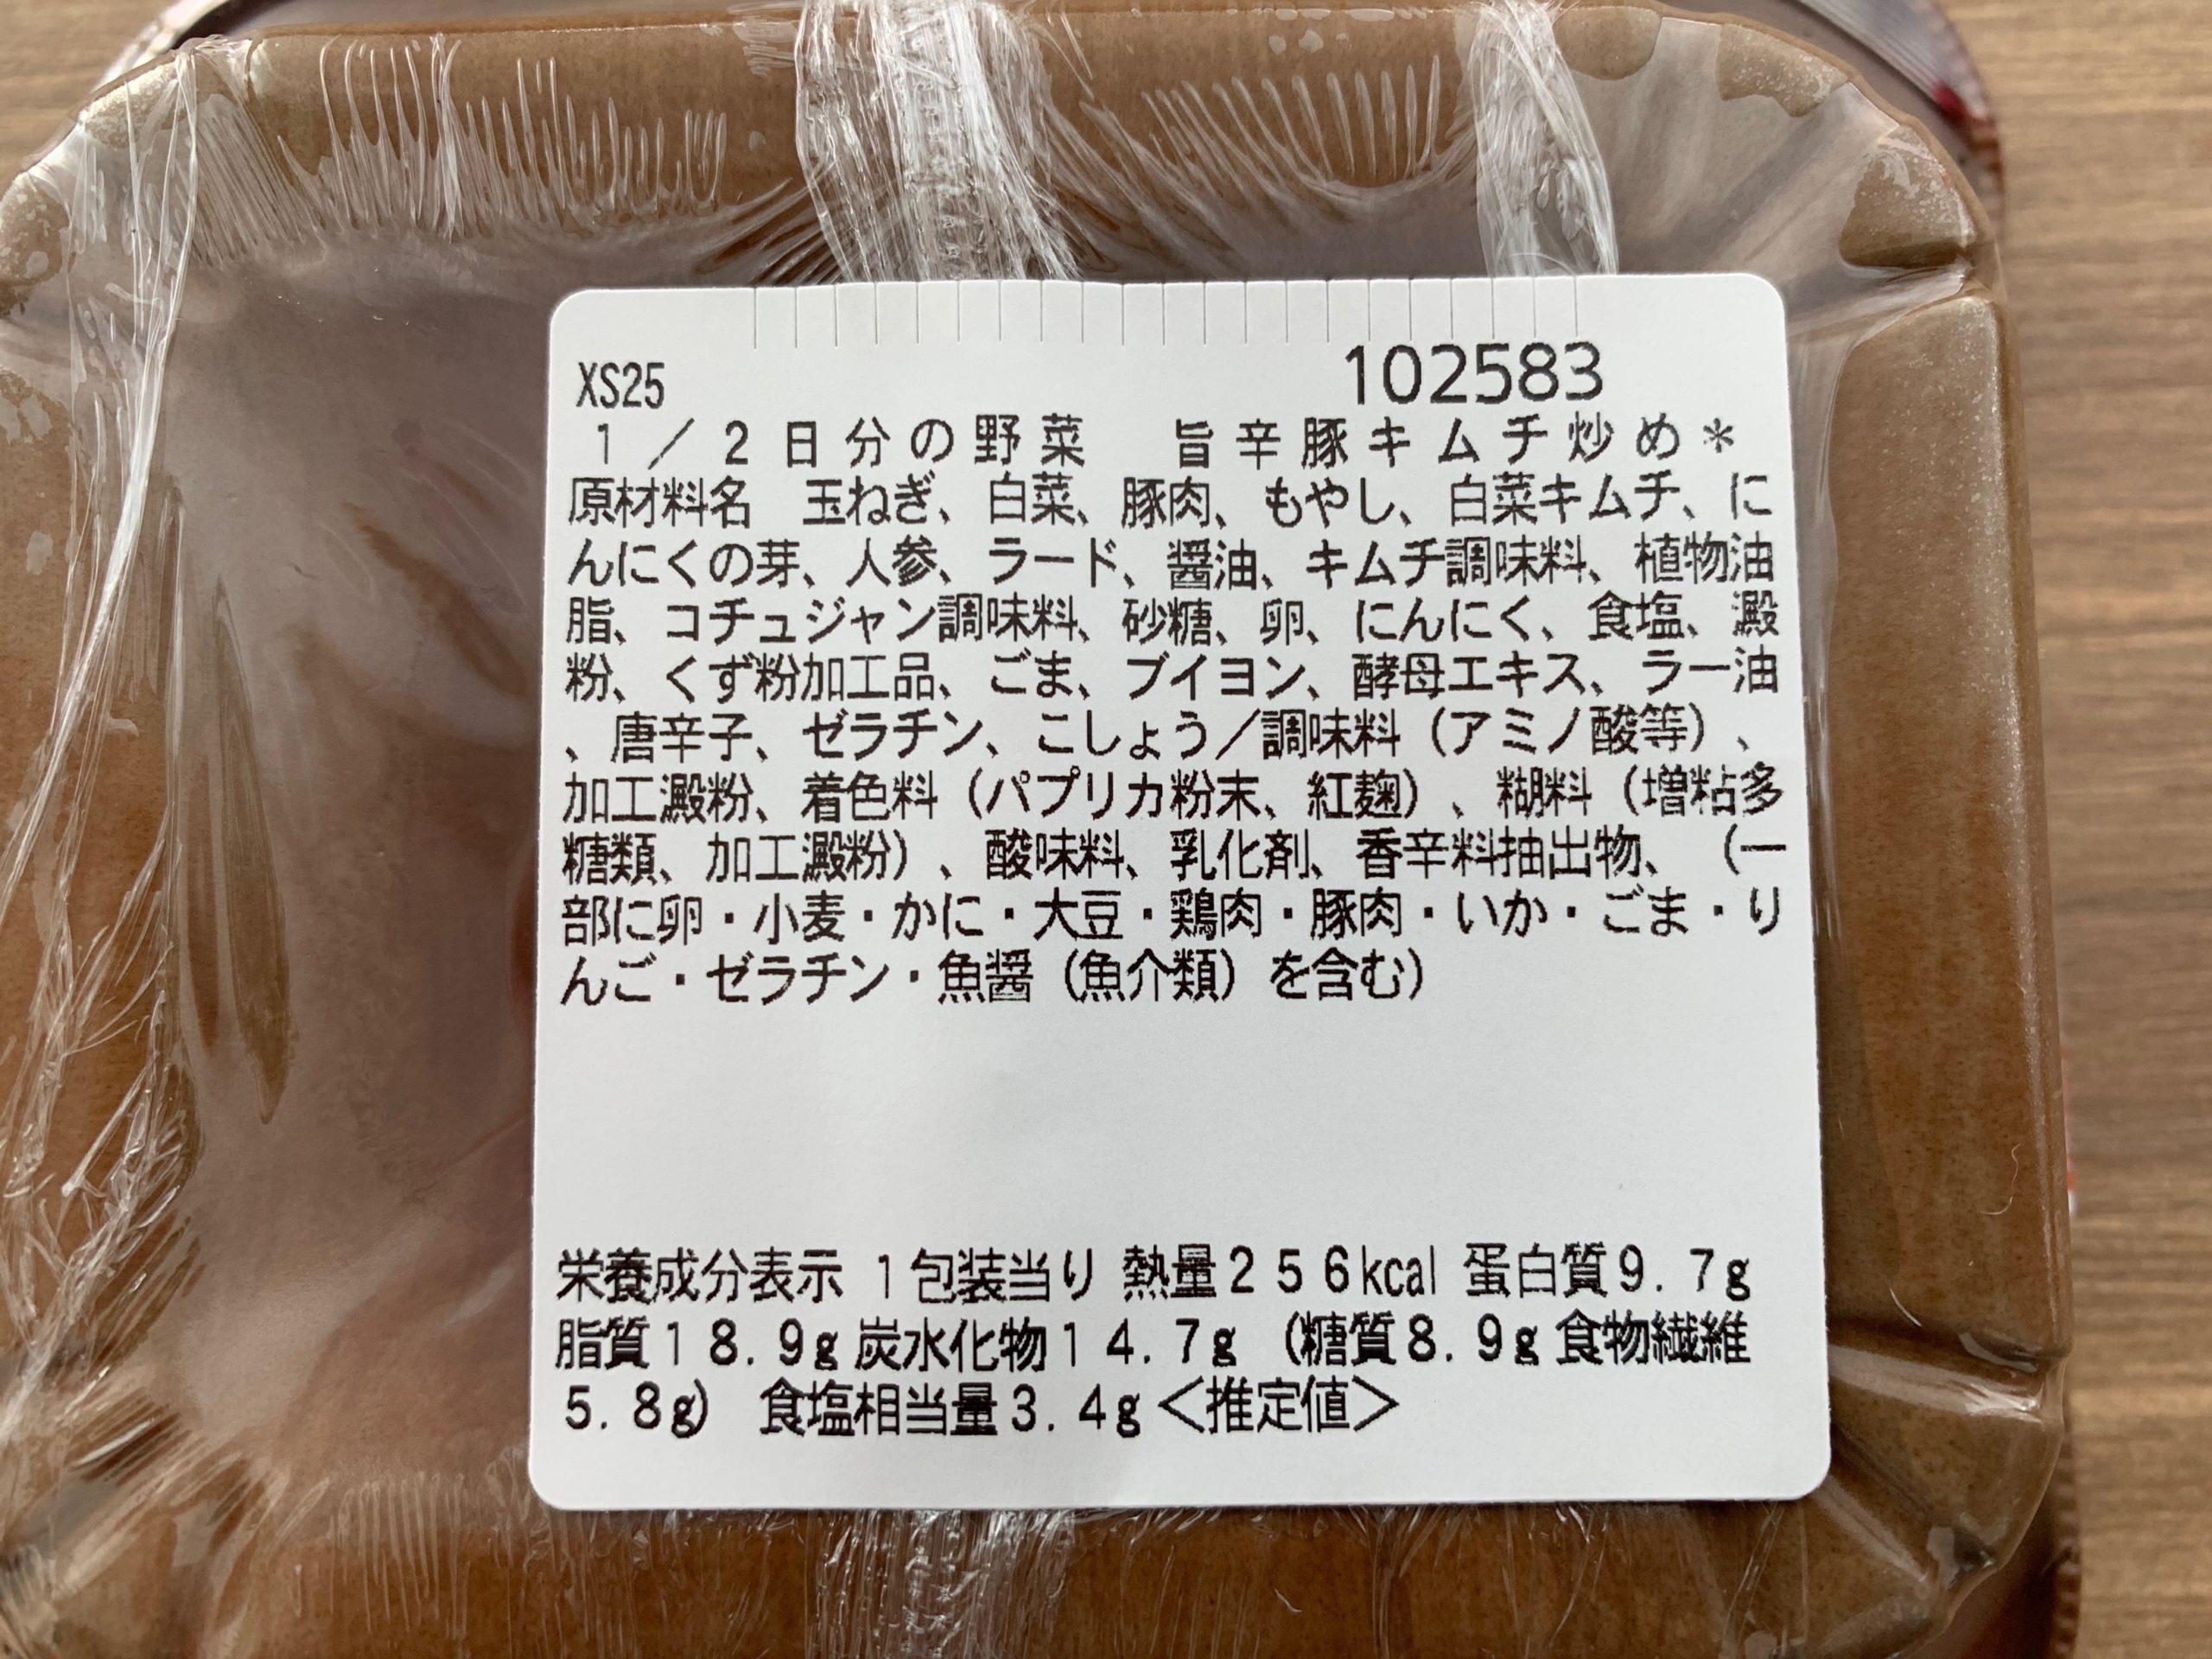 旨辛豚キムチ炒めの原材料と栄養成分